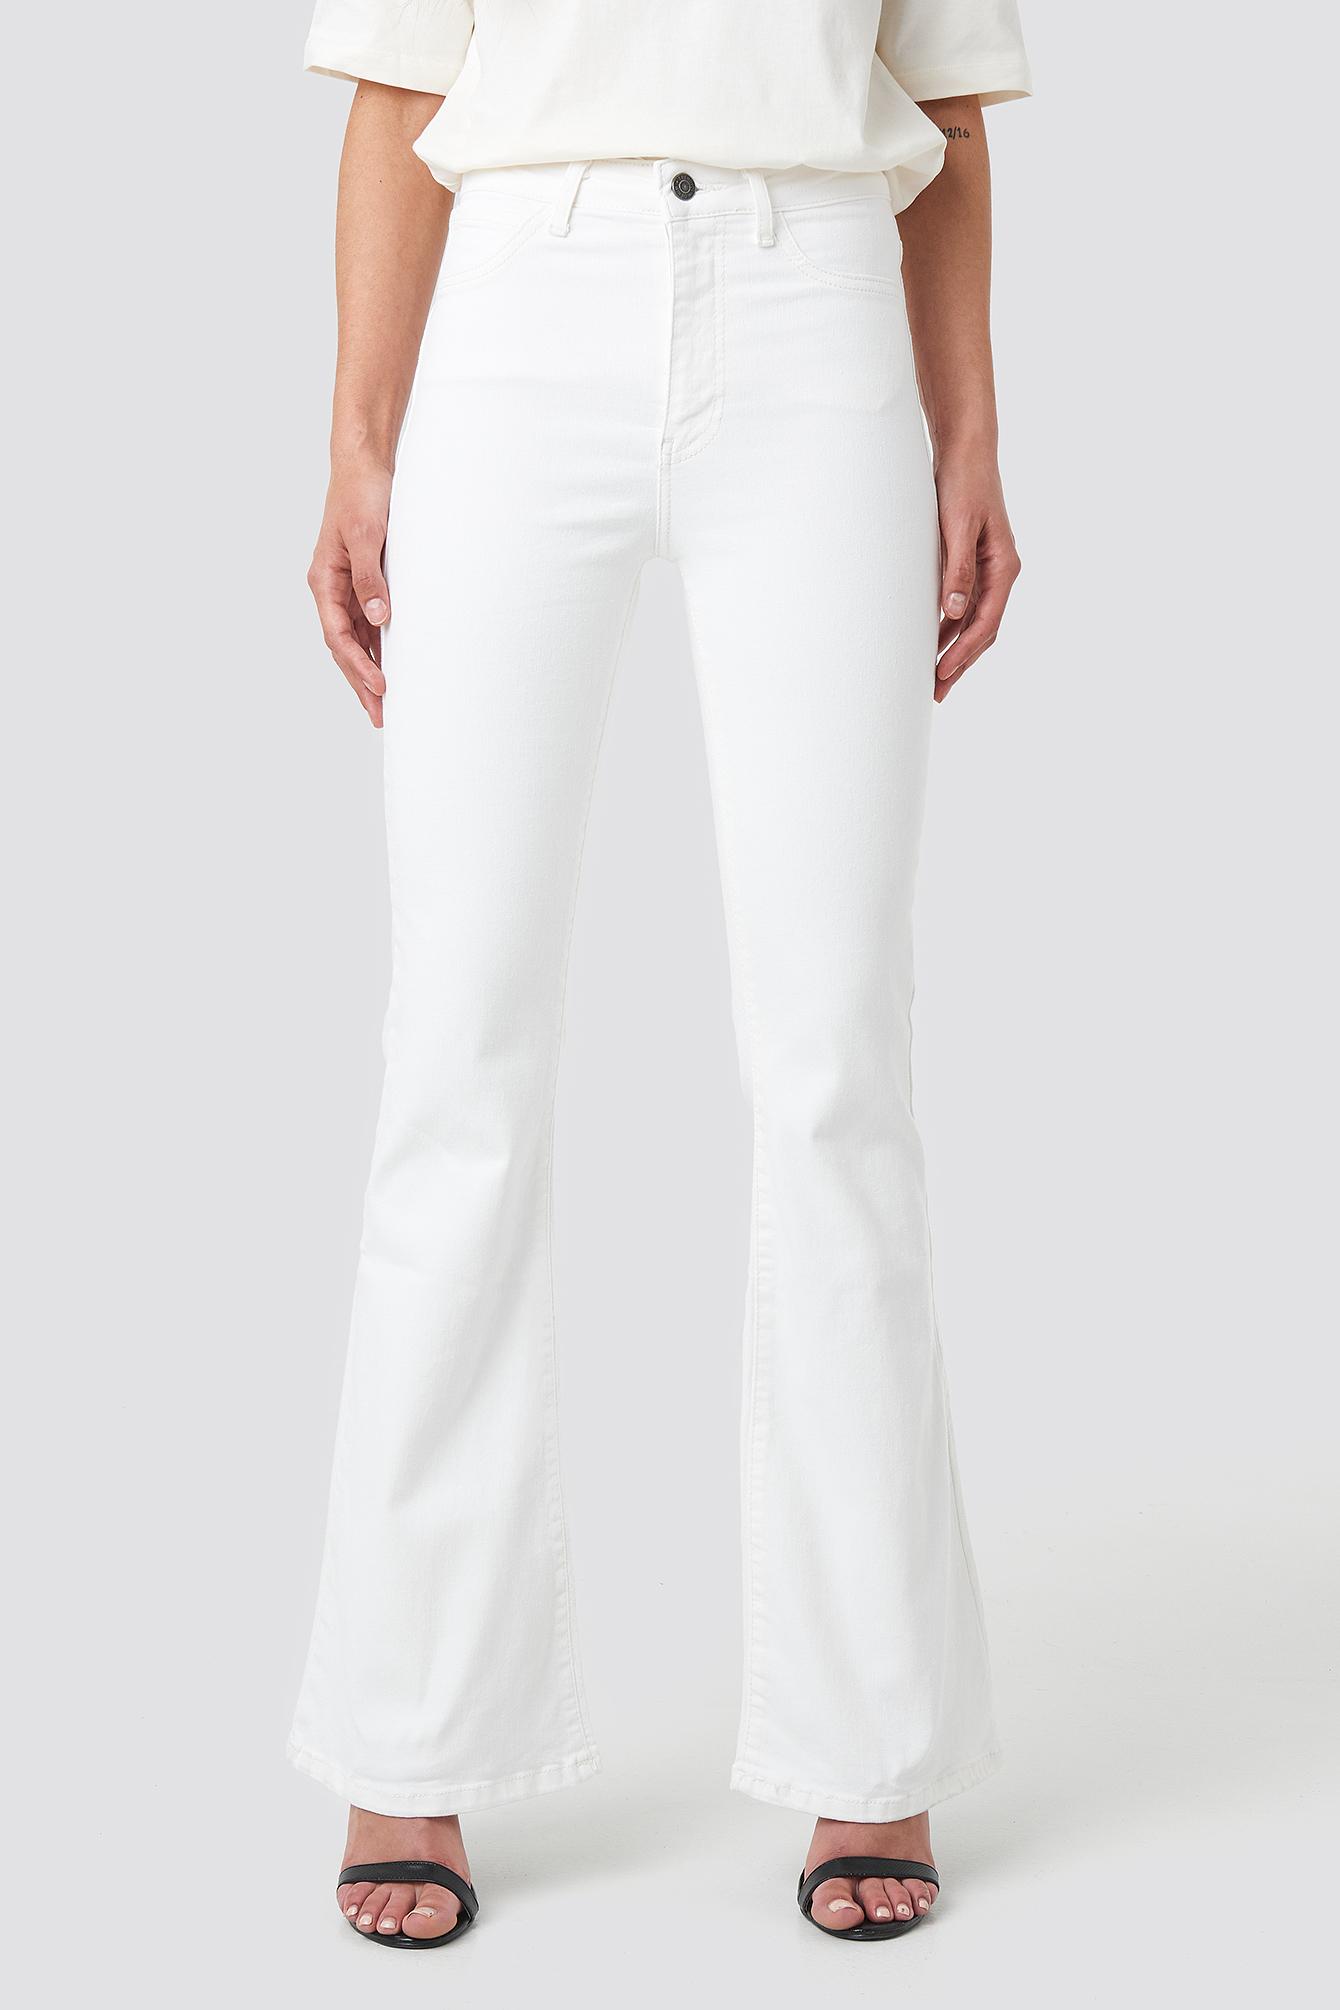 Wos High Waist Flare Jeans NA-KD.COM